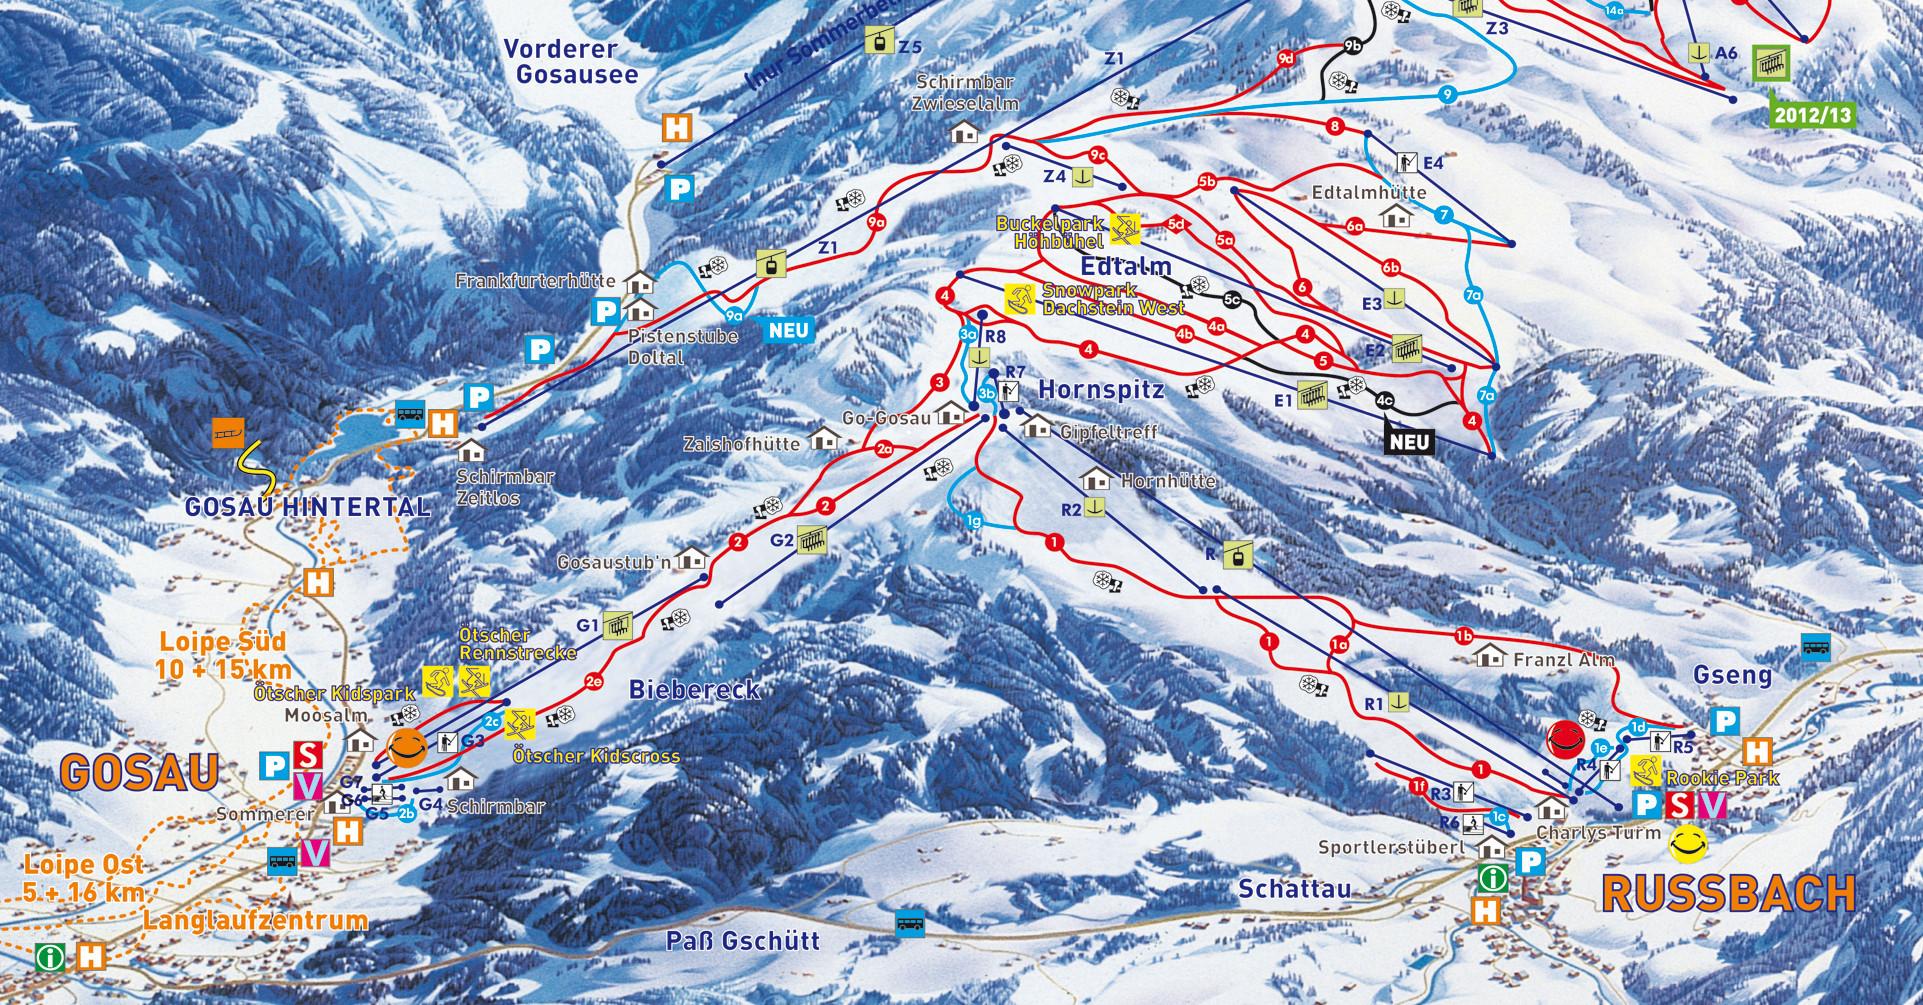 Lyžařská mapa sjezdovek areálu Dachstein West